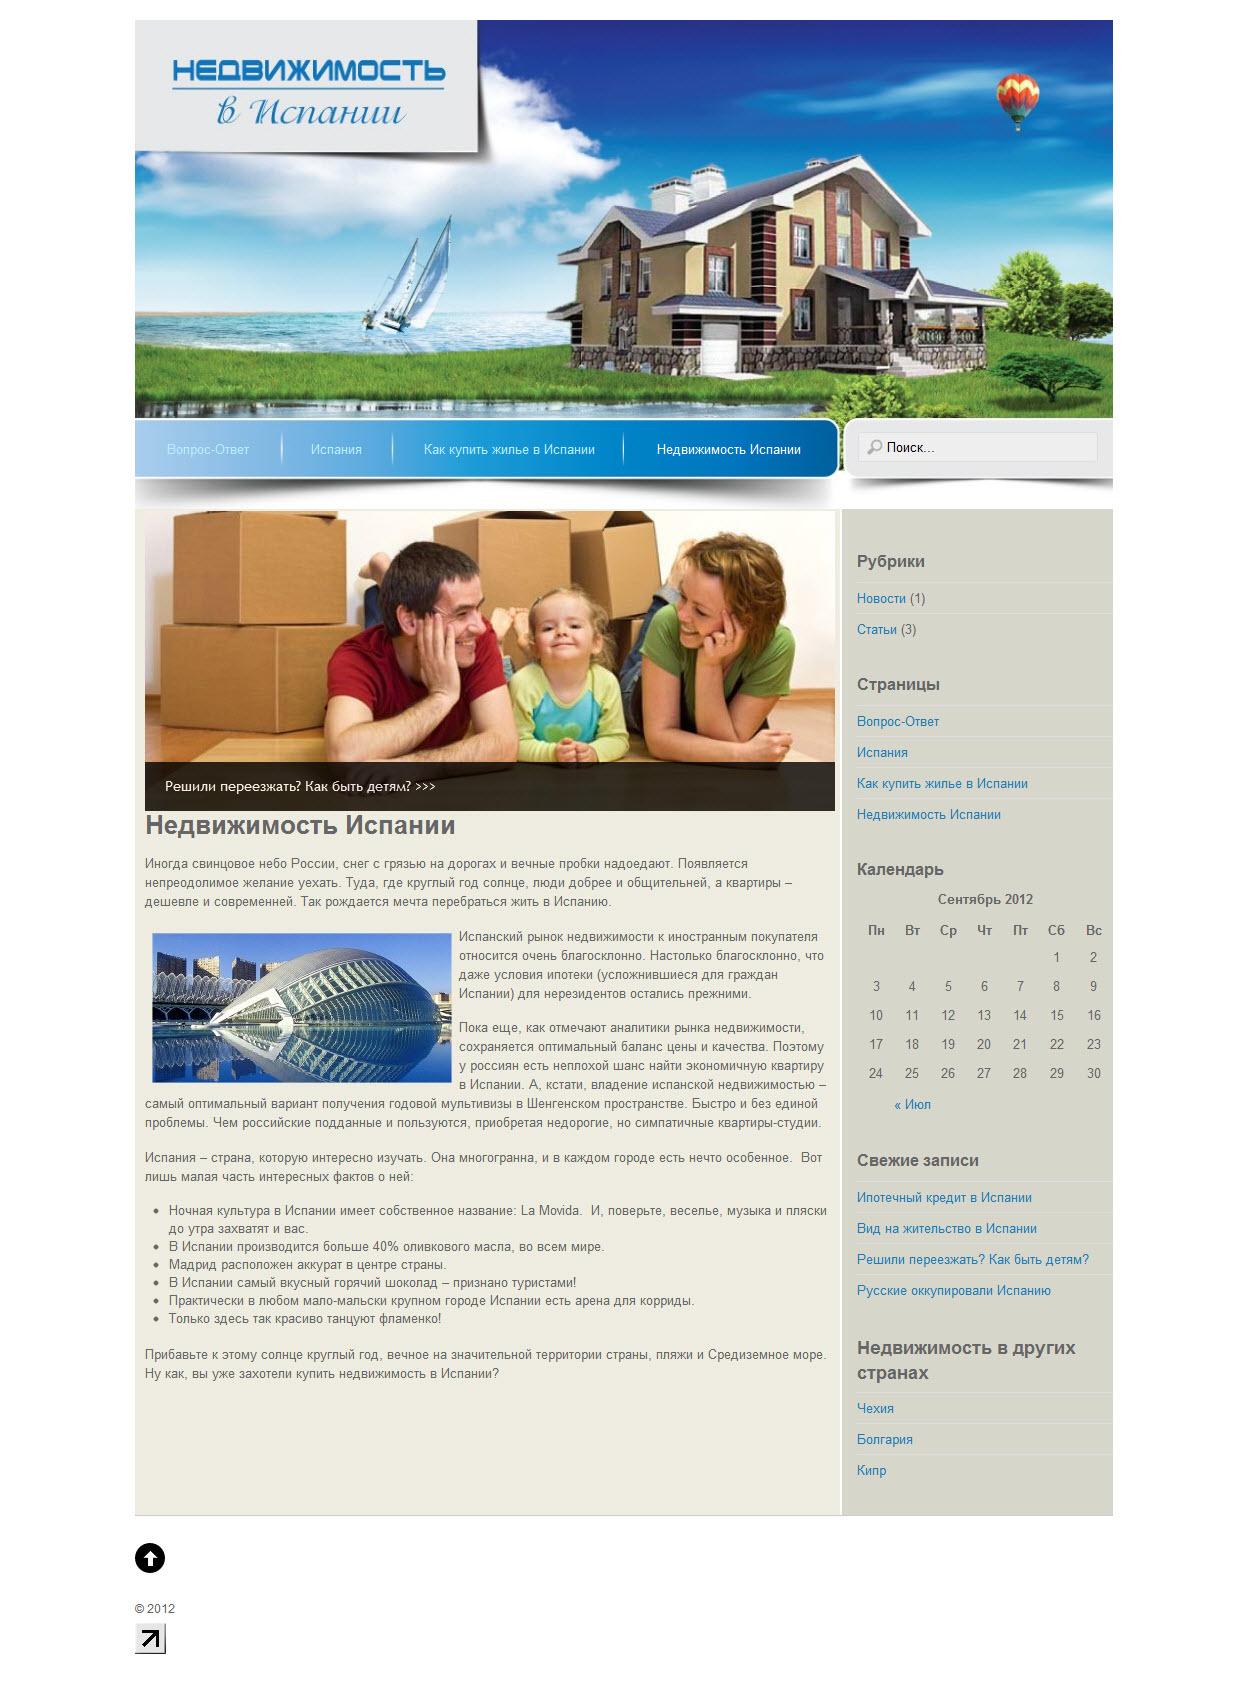 Гражданство испании для россиян при покупке недвижимости